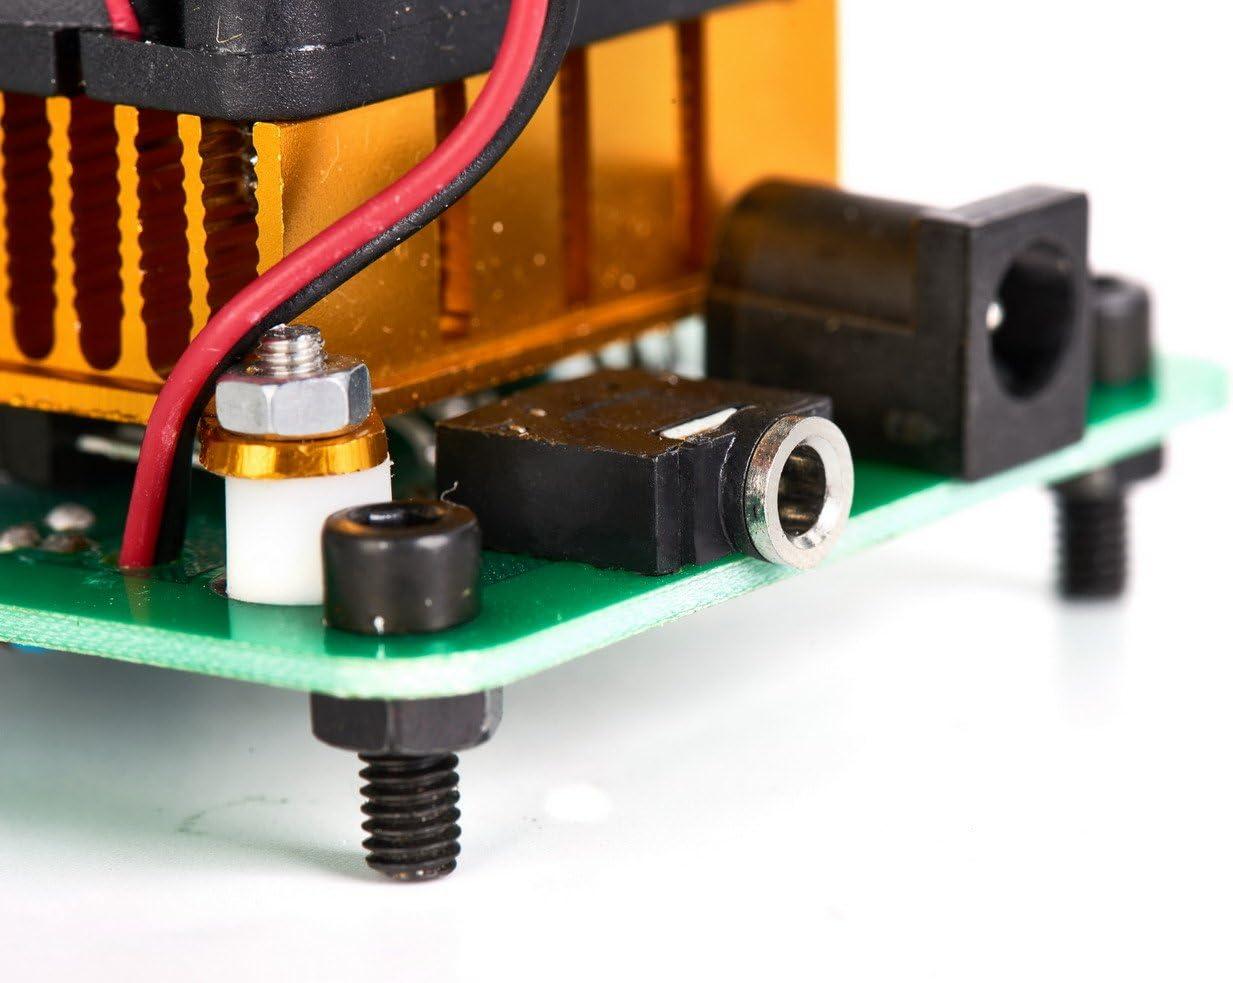 Baugger Music Tesla Coil Driver Board Altavoz de plasma con adaptador de corriente Modelo de experimento de transmisi/ón inal/ámbrica